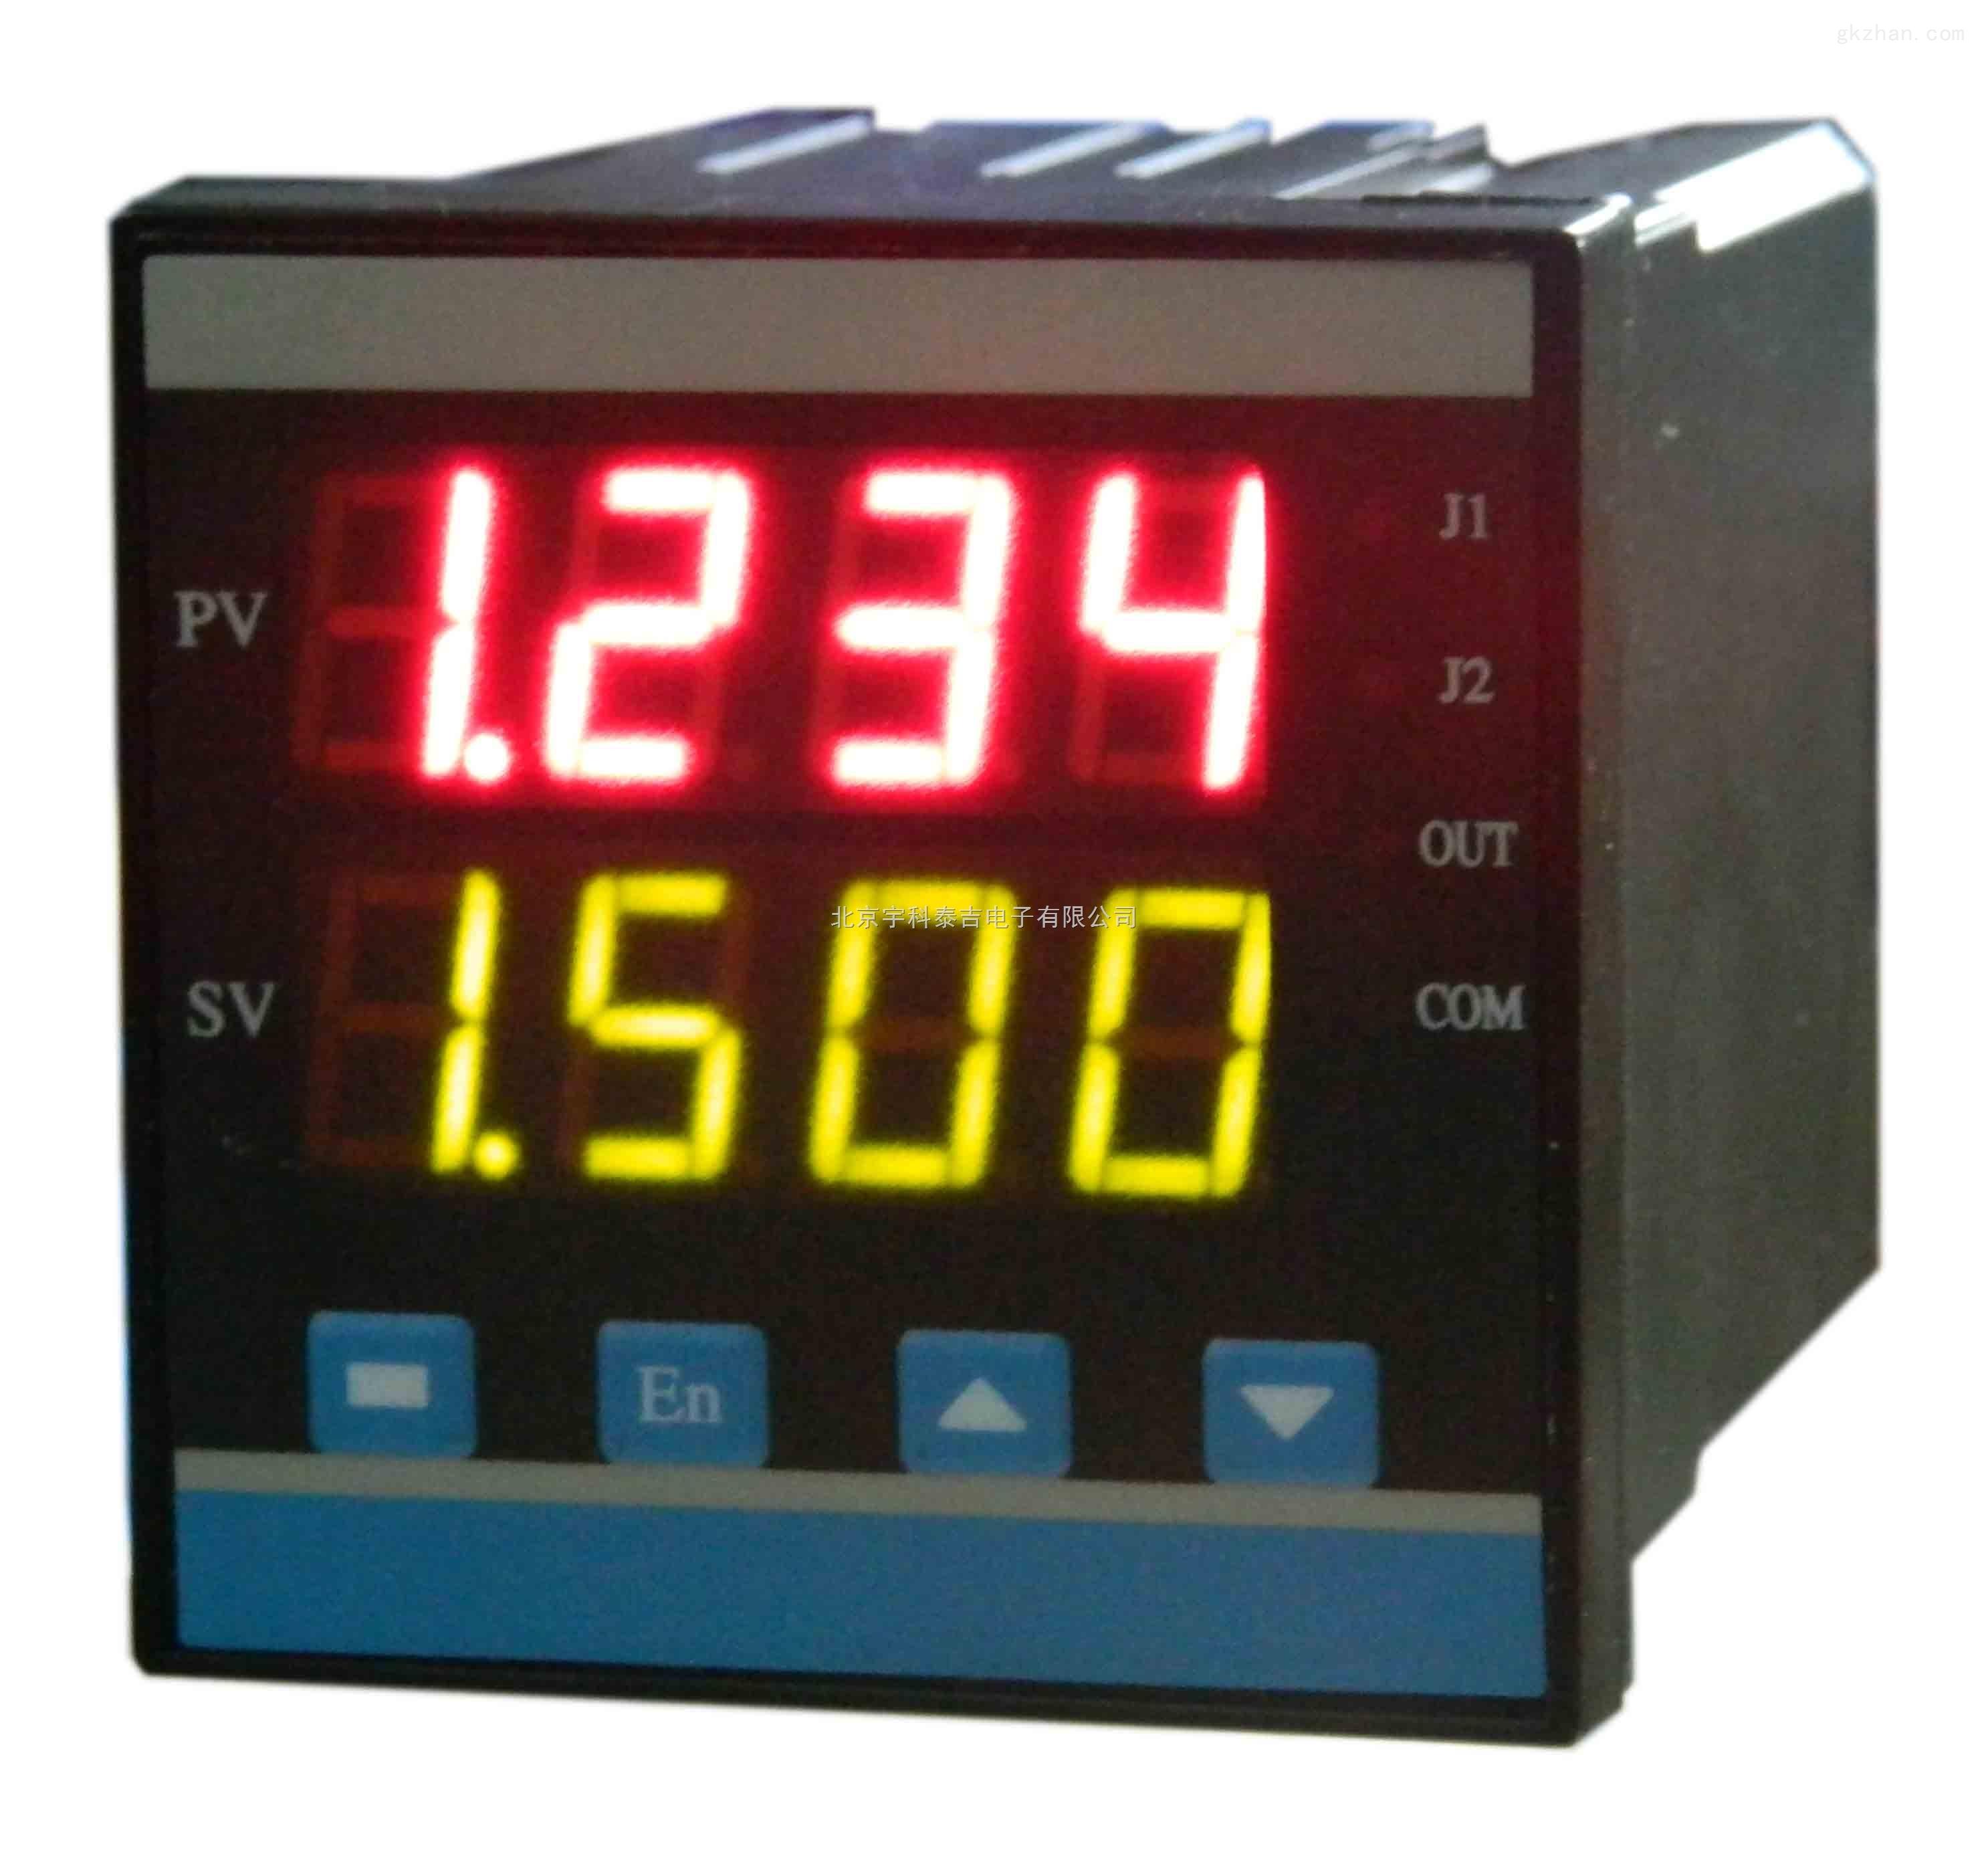 宇科泰吉YK-11FZ-D智能称重峰值显示仪